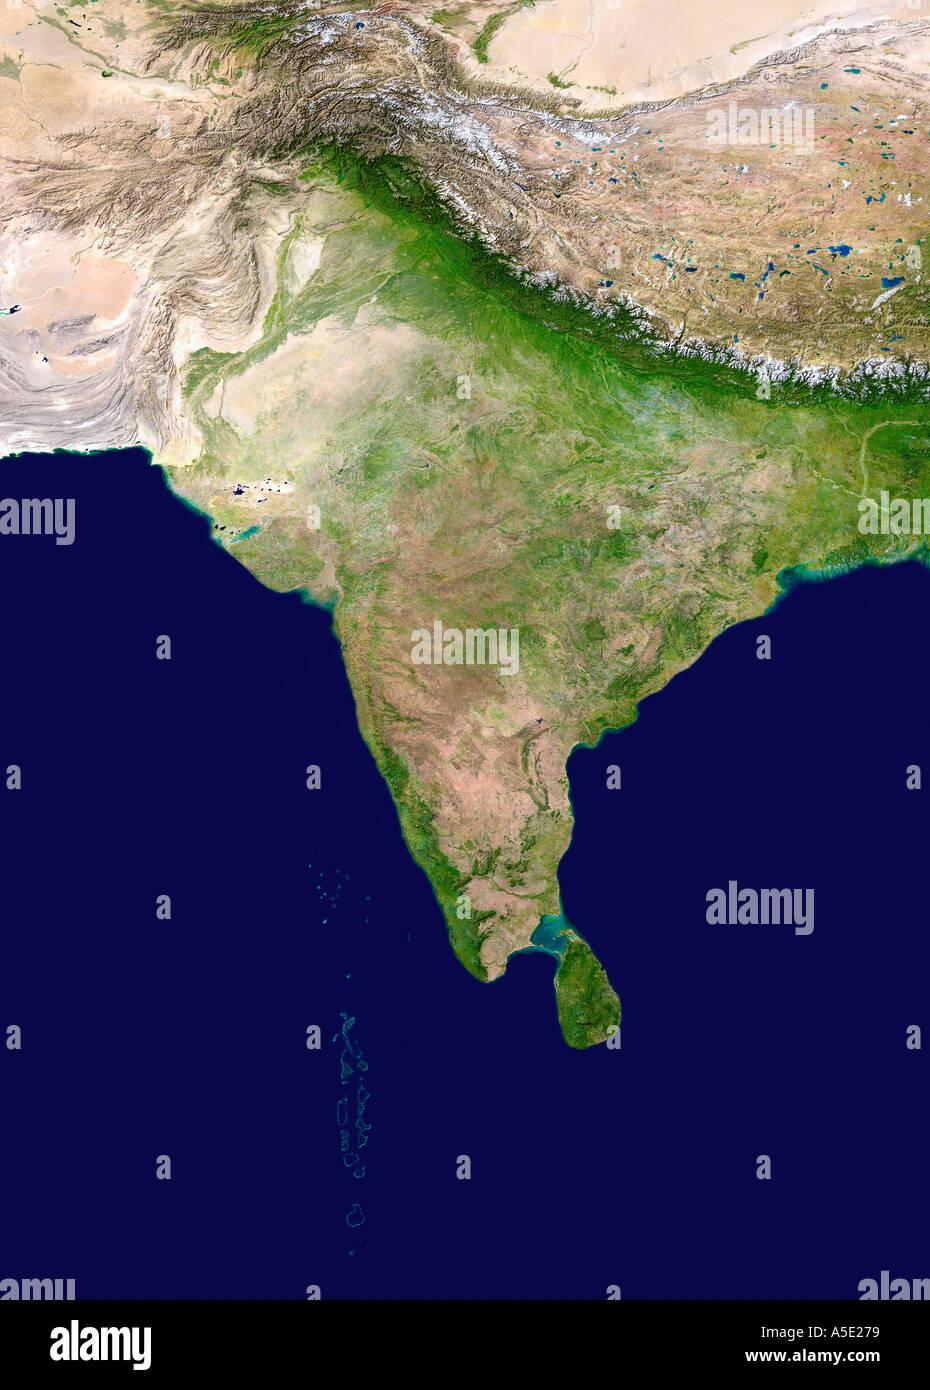 Satellitenbild des indischen Subkontinents Erde aus dem Weltall Stockbild